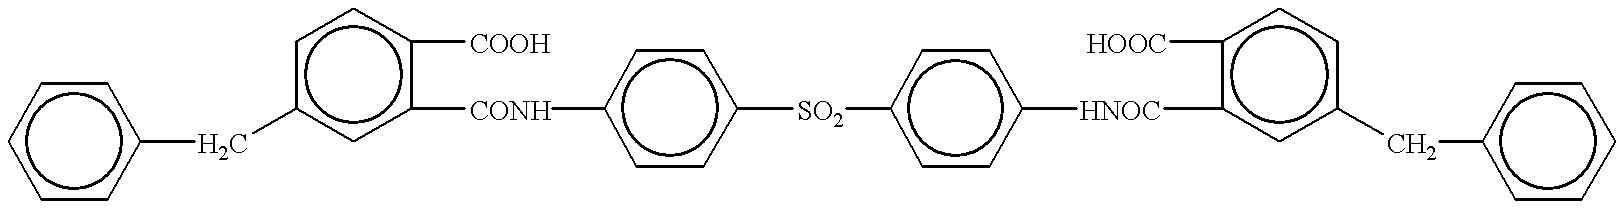 Figure US06180560-20010130-C00435